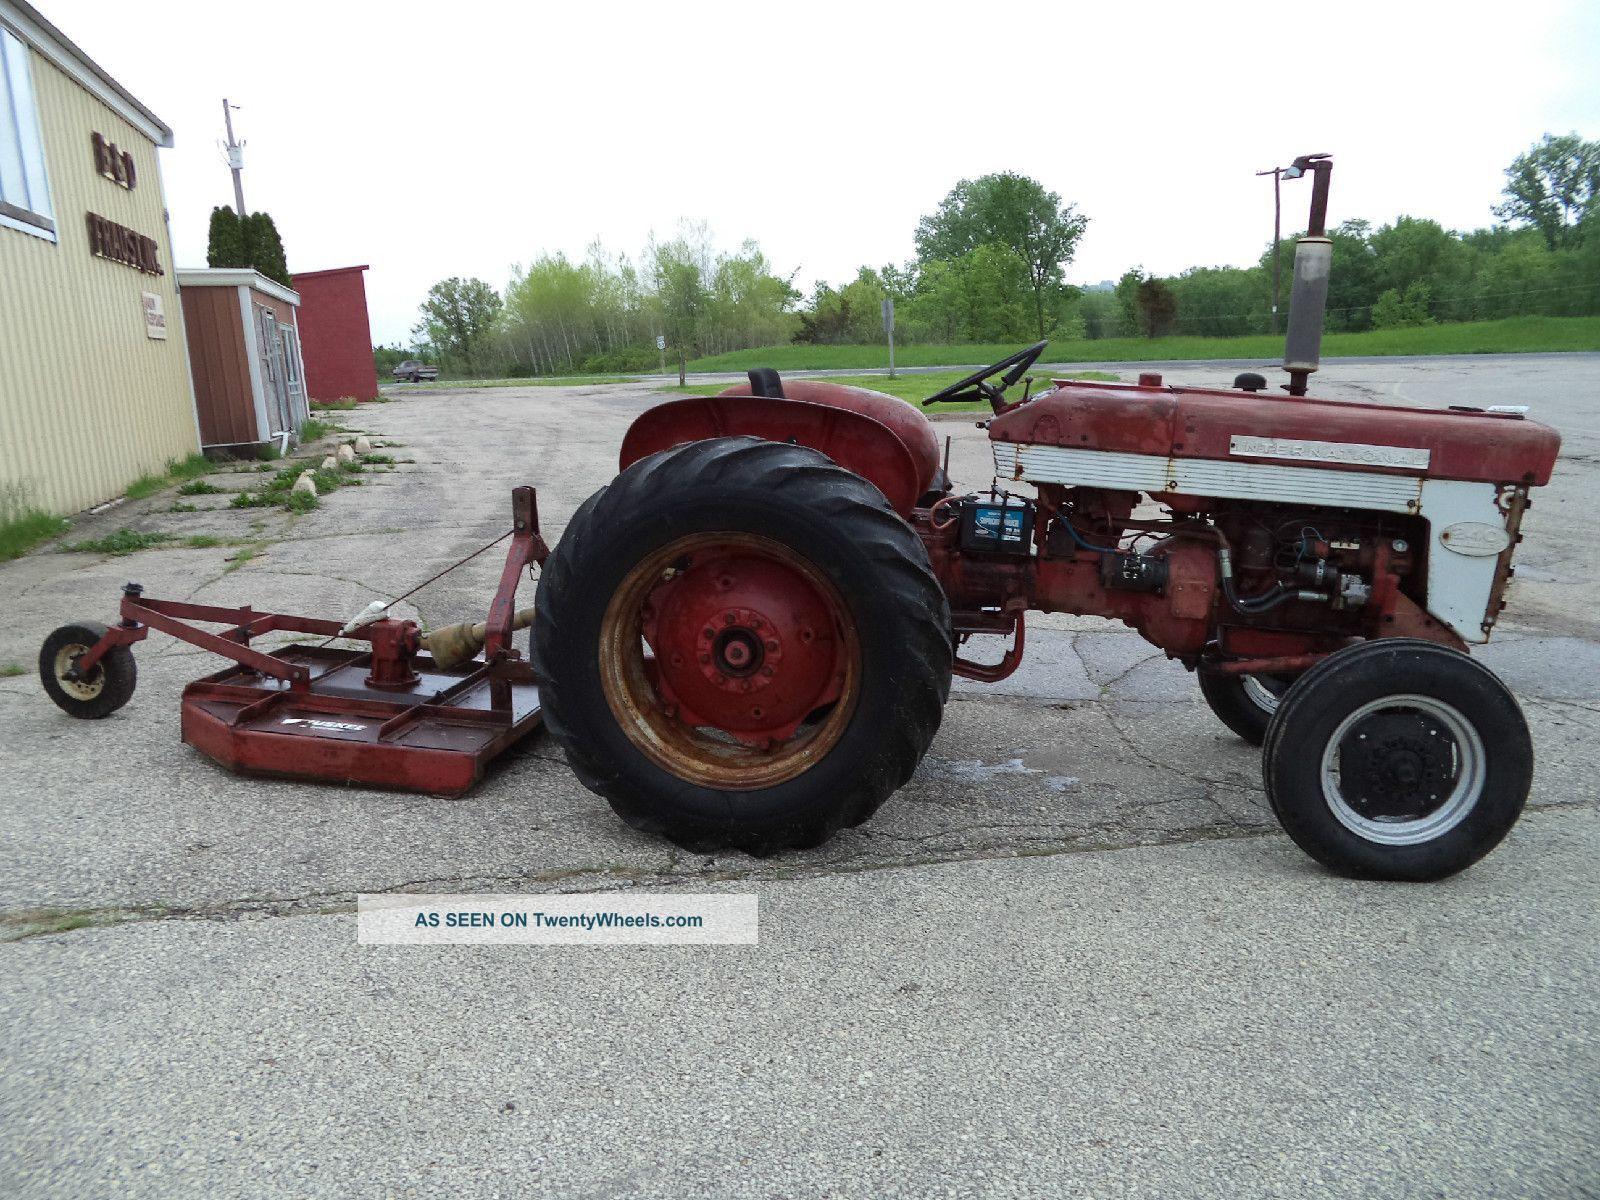 1959 ih farmall 240 utility tractor w brush hog